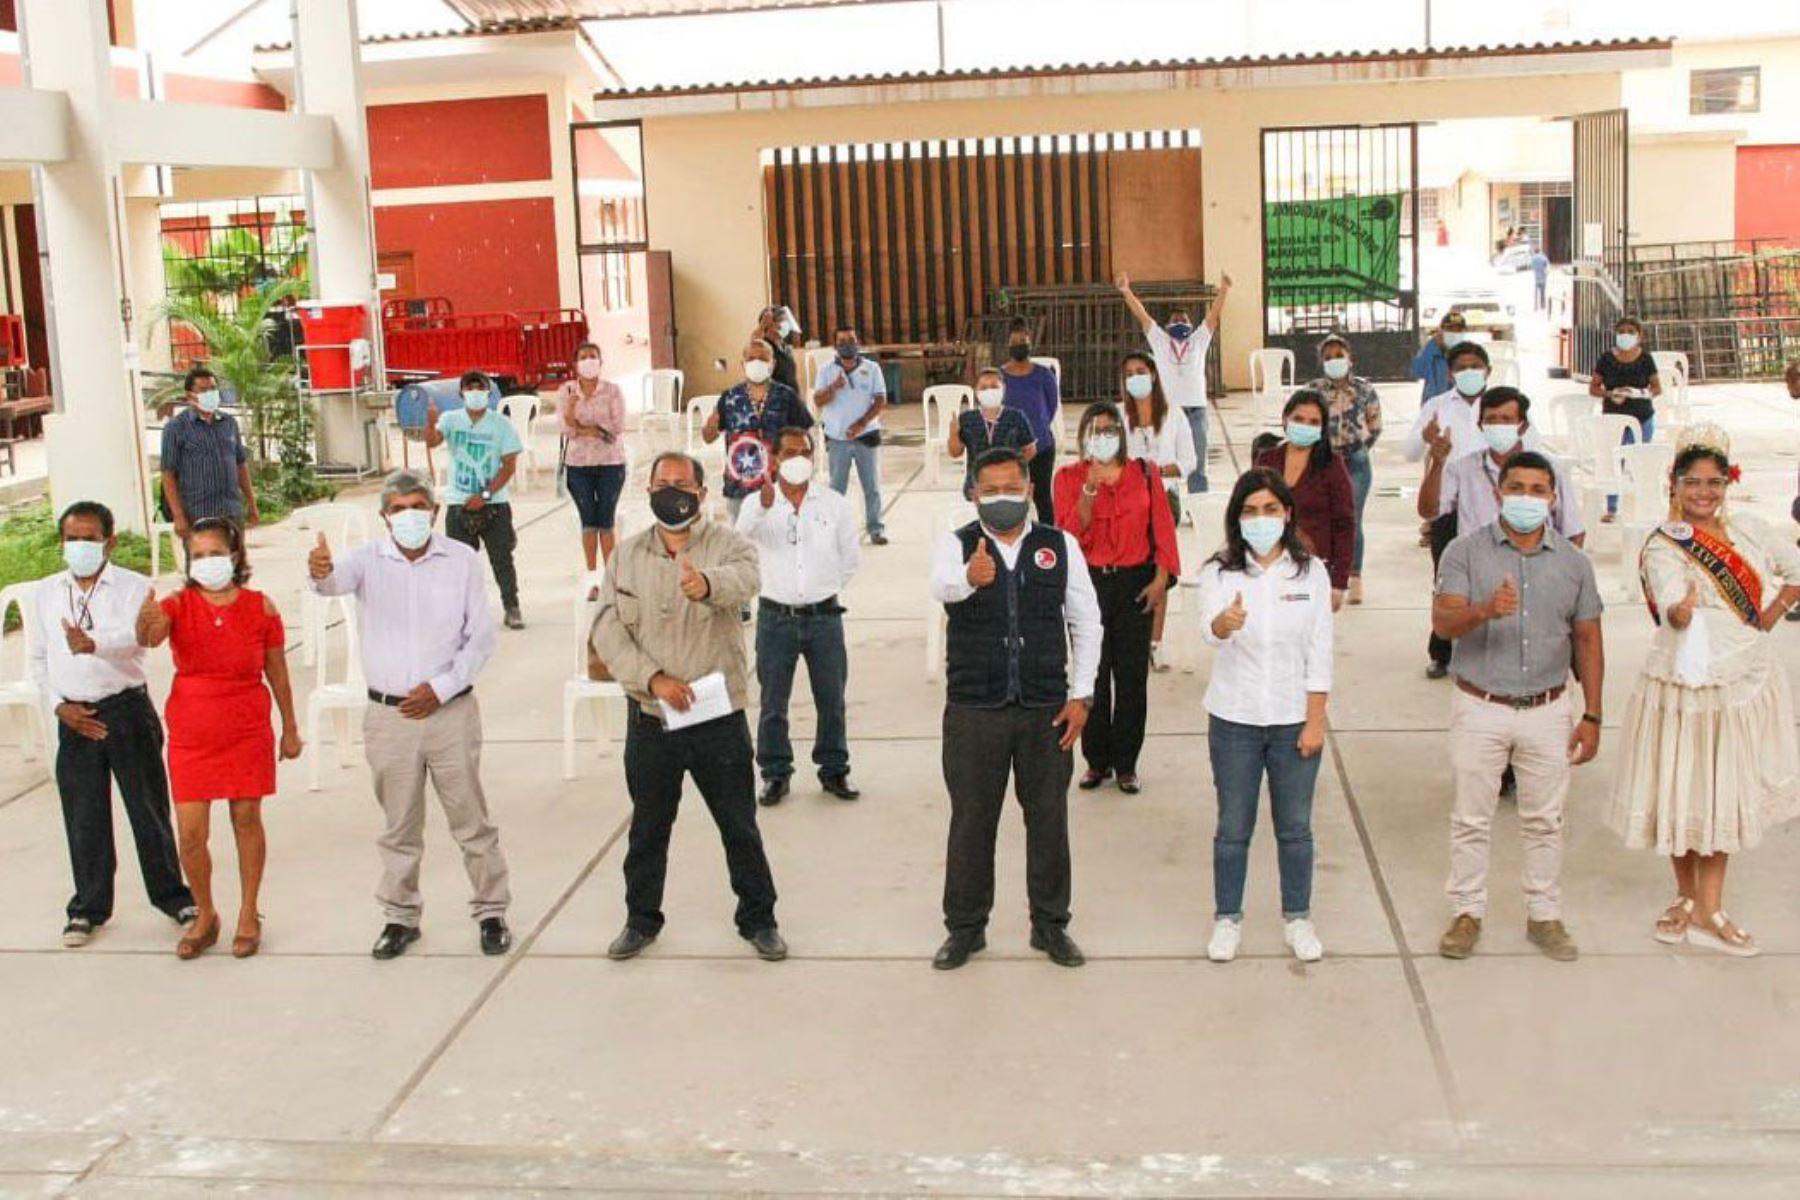 La experiencia innovadora en la provincia de Morropón (Piura) garantiza la participación efectiva de los pobladores afrodescendientes frente a la emergencia sanitaria. Foto: ANDINA/Difusión